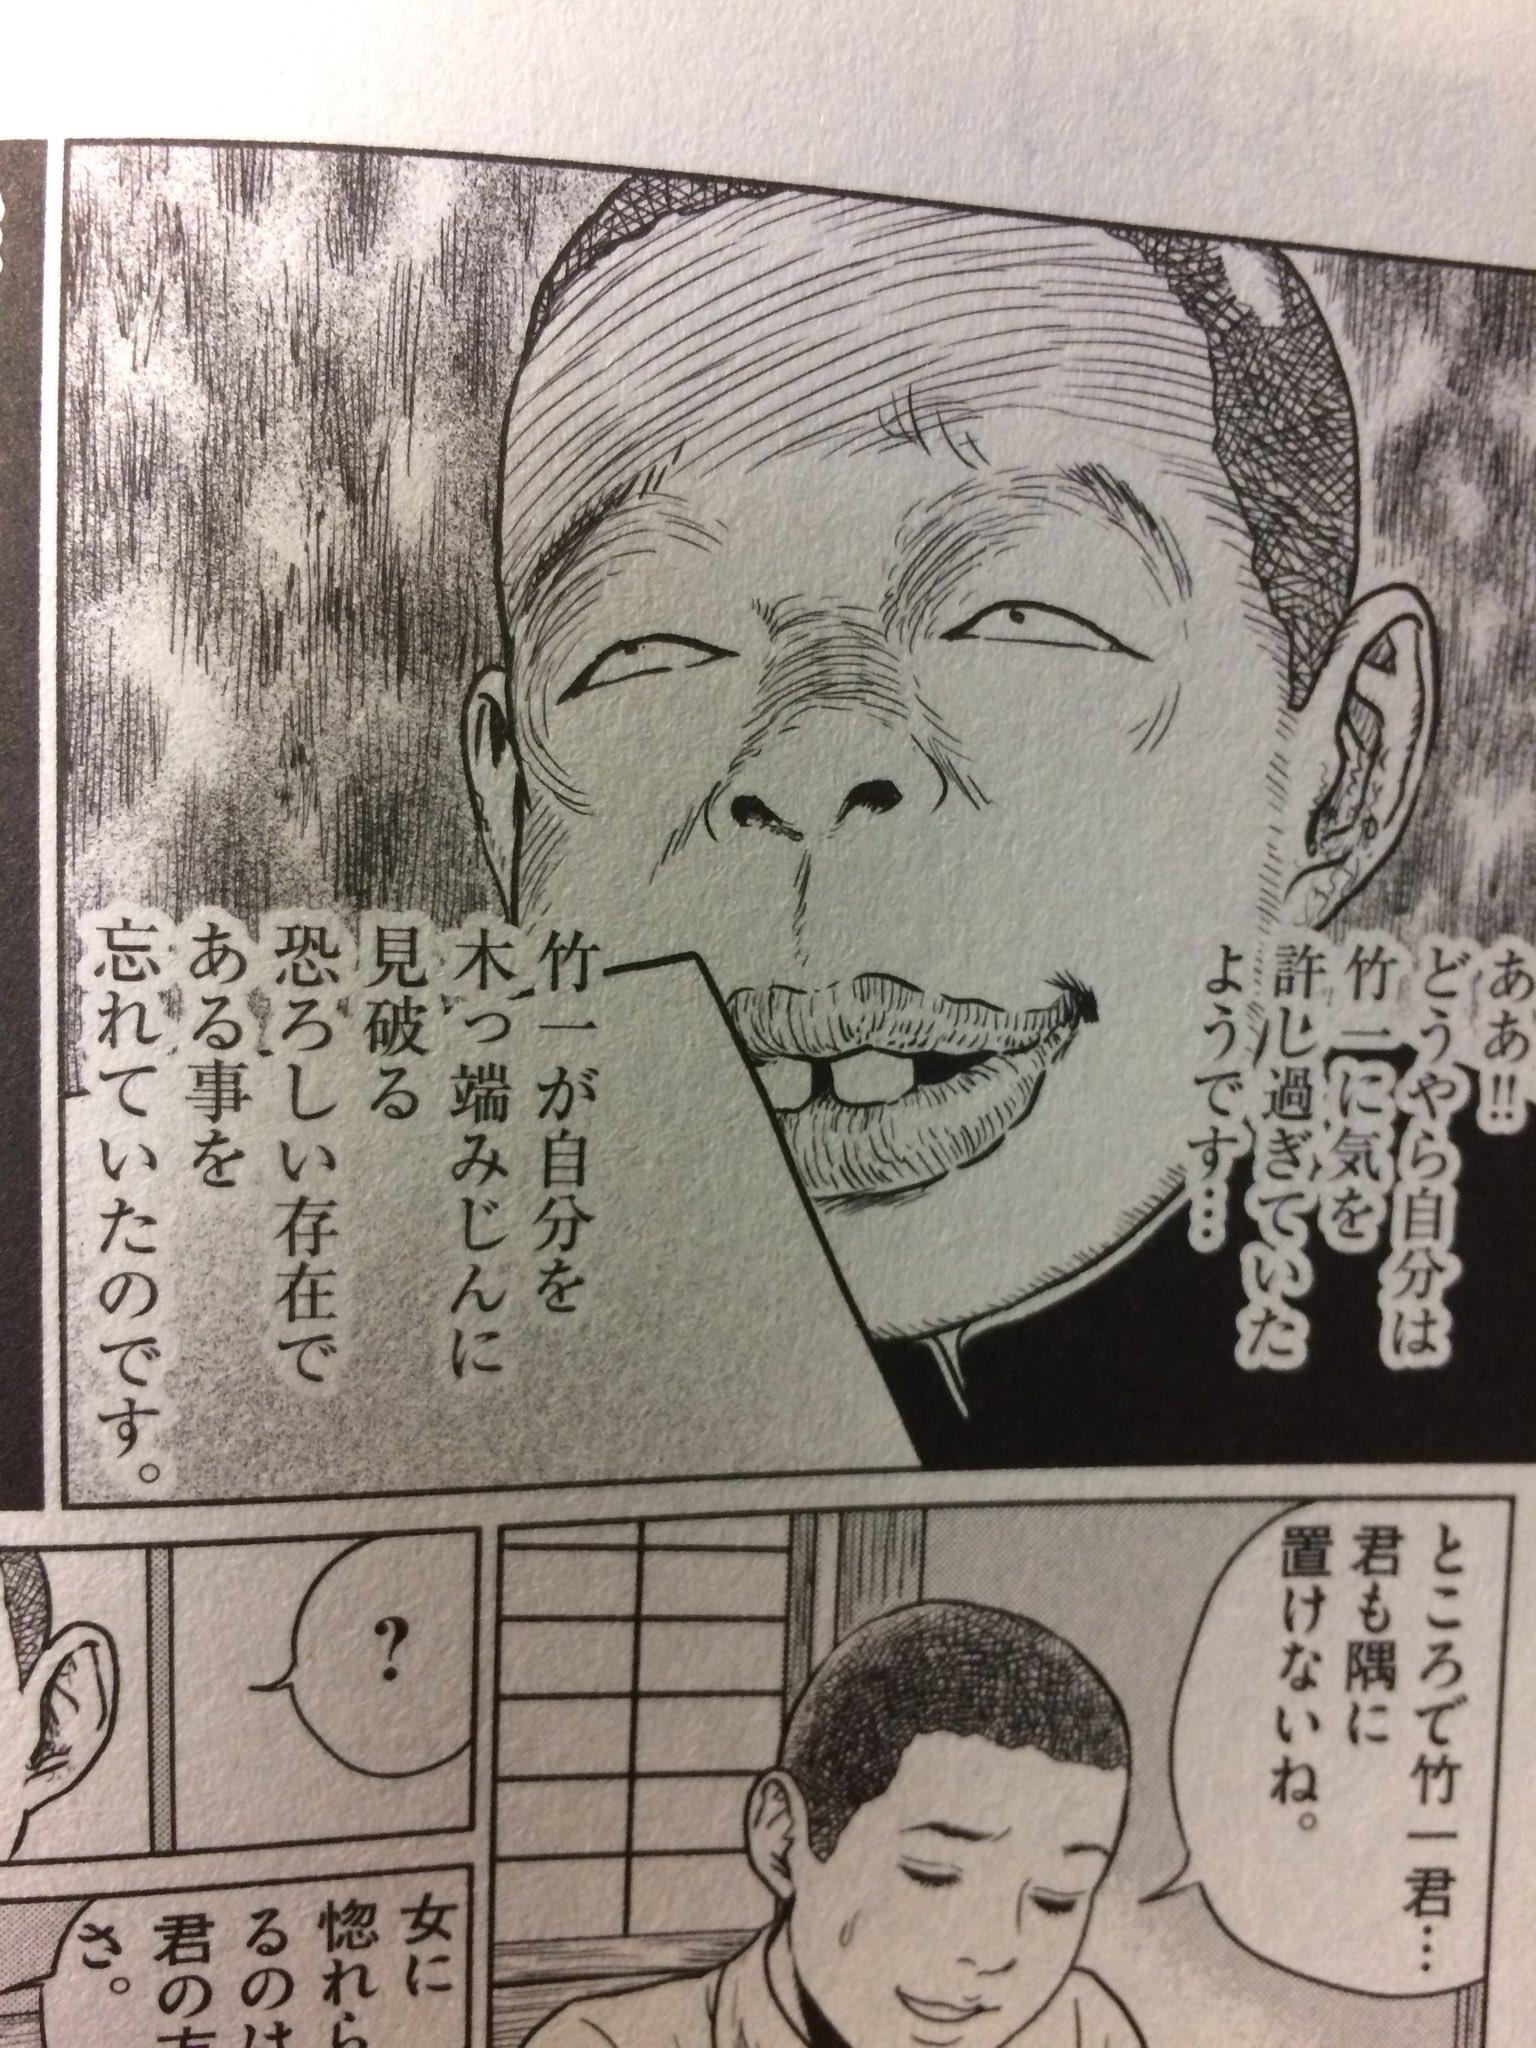 彼岸 島 漫画 zip